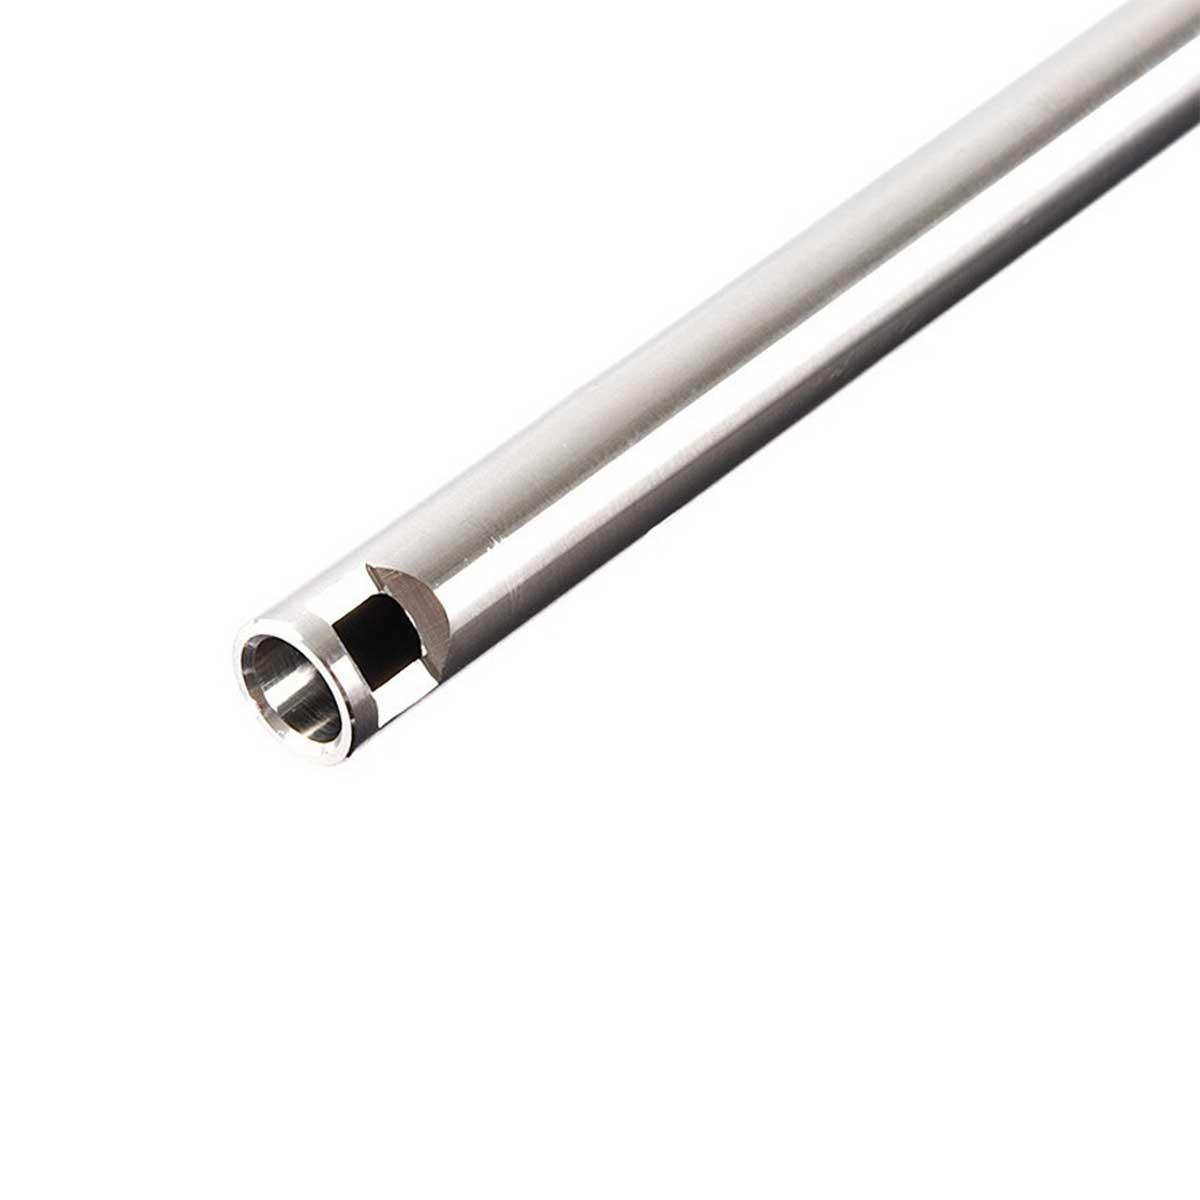 Cano de Precisão em Aço Inox 510mm 6.03mm PPS